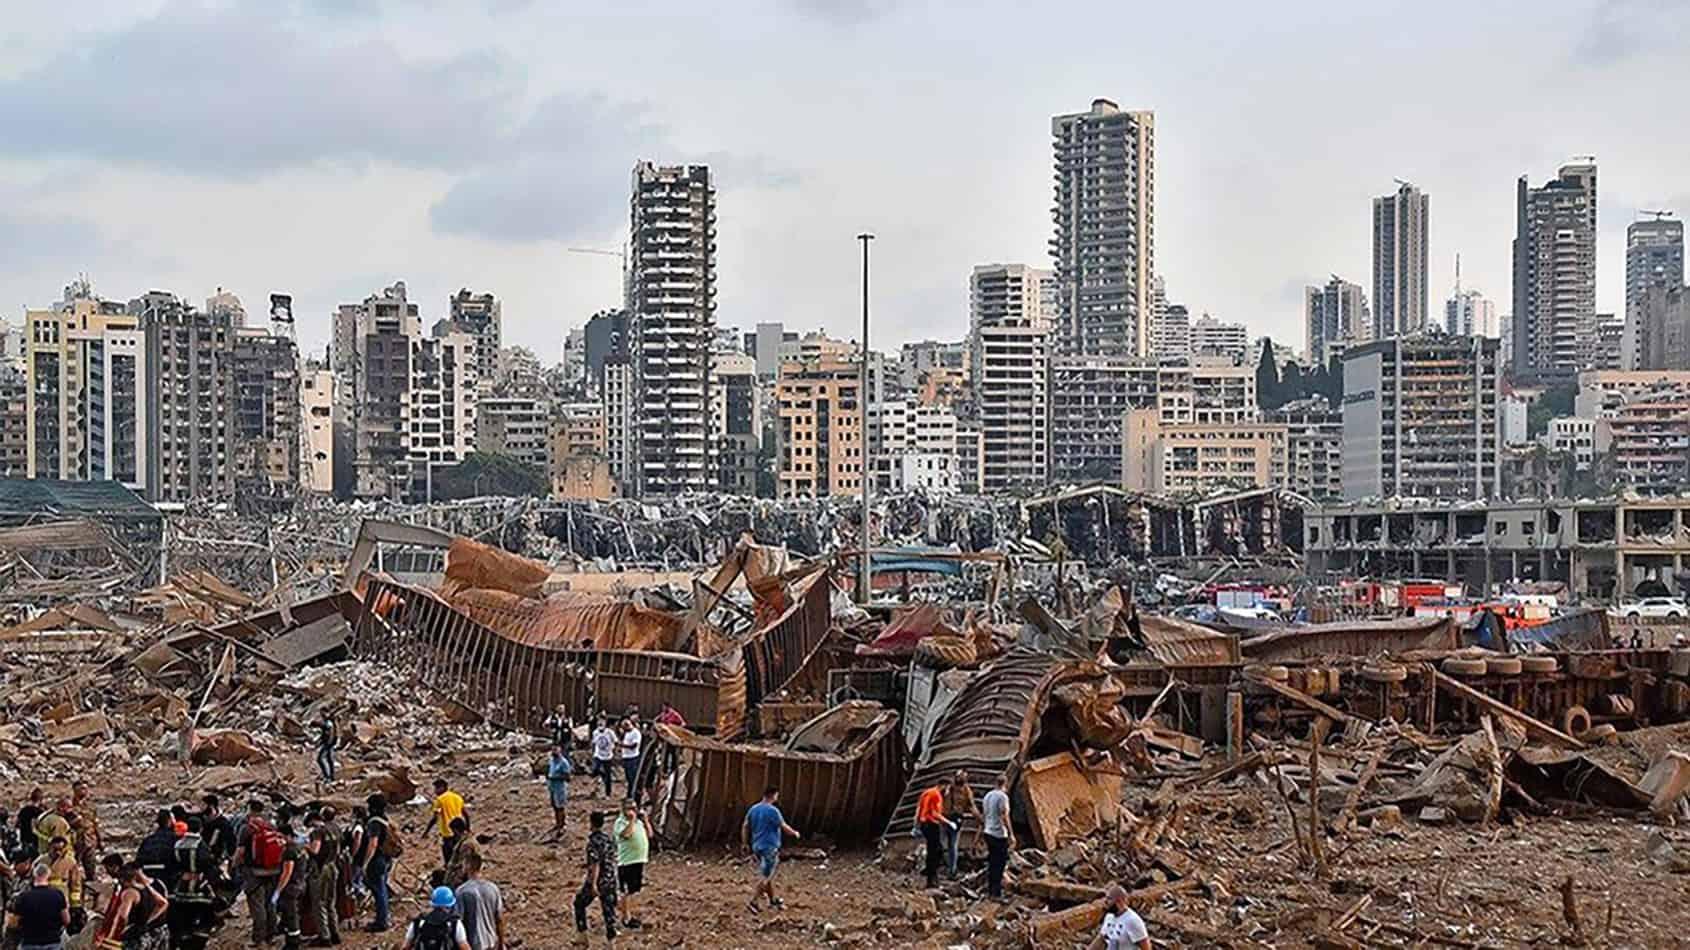 Vessels diverted following devastating Beirut port explosion